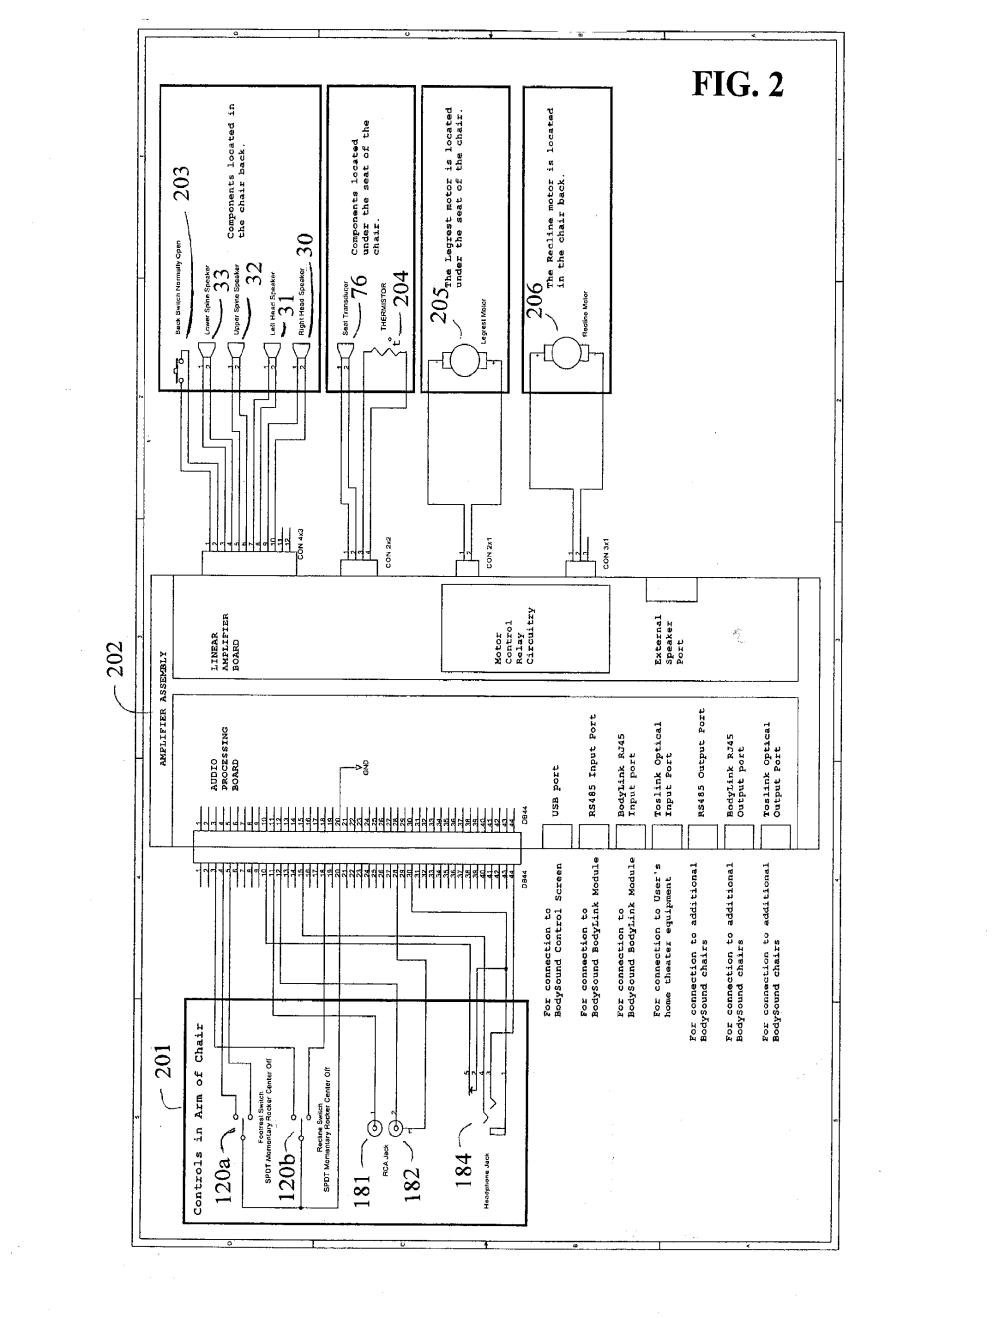 medium resolution of 95 lexus es300 fuse box diagram